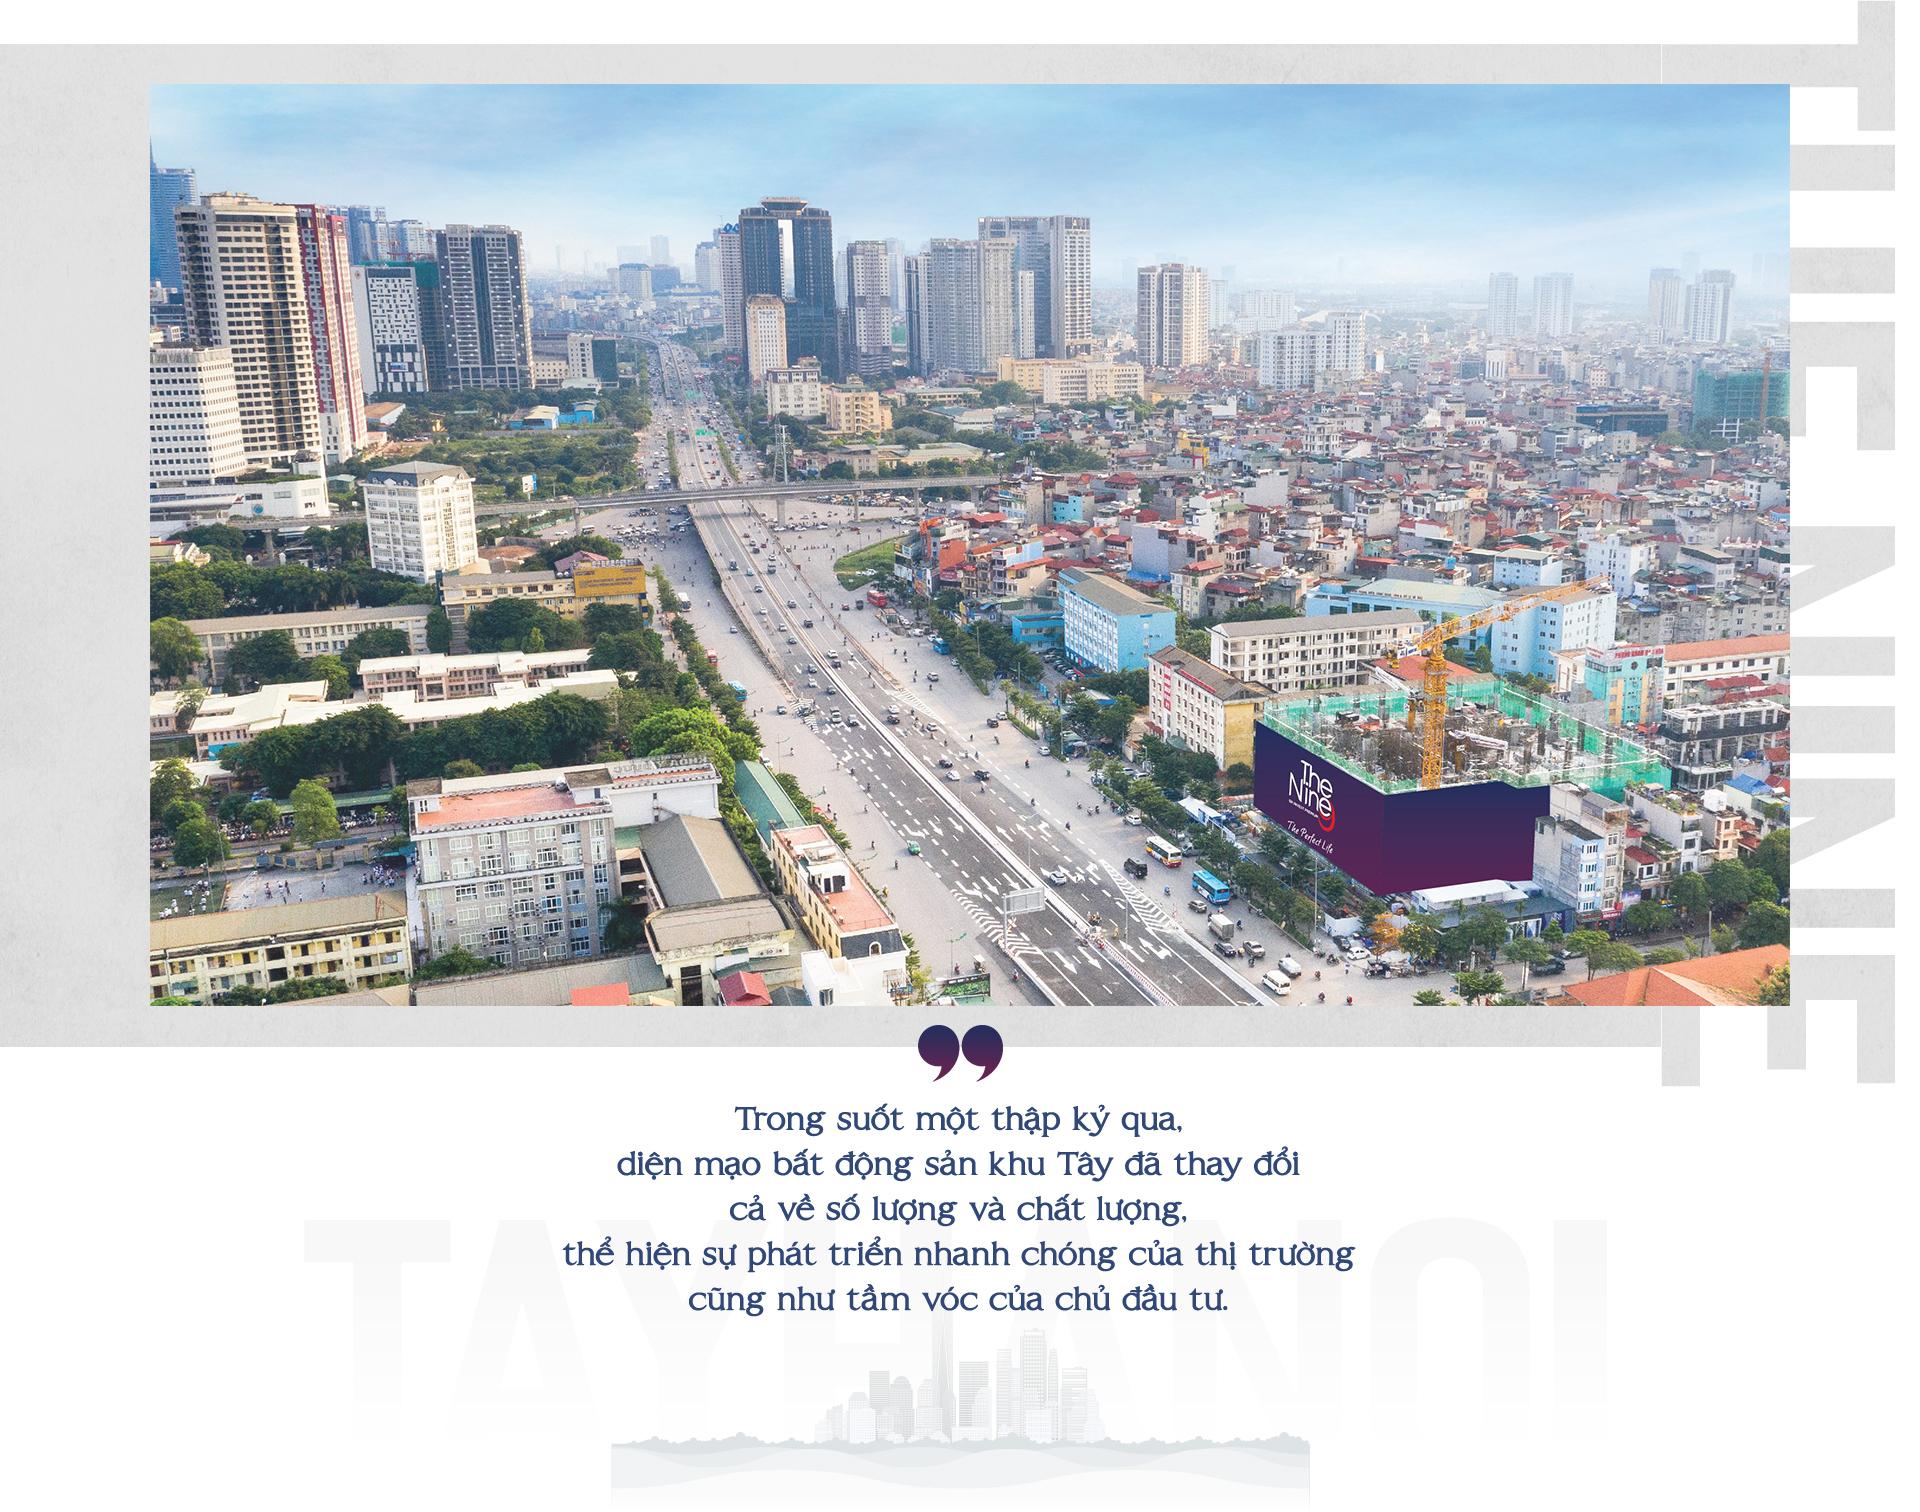 Bộ mặt mới bất động sản Tây Hà Nội sau một thập kỷ 3